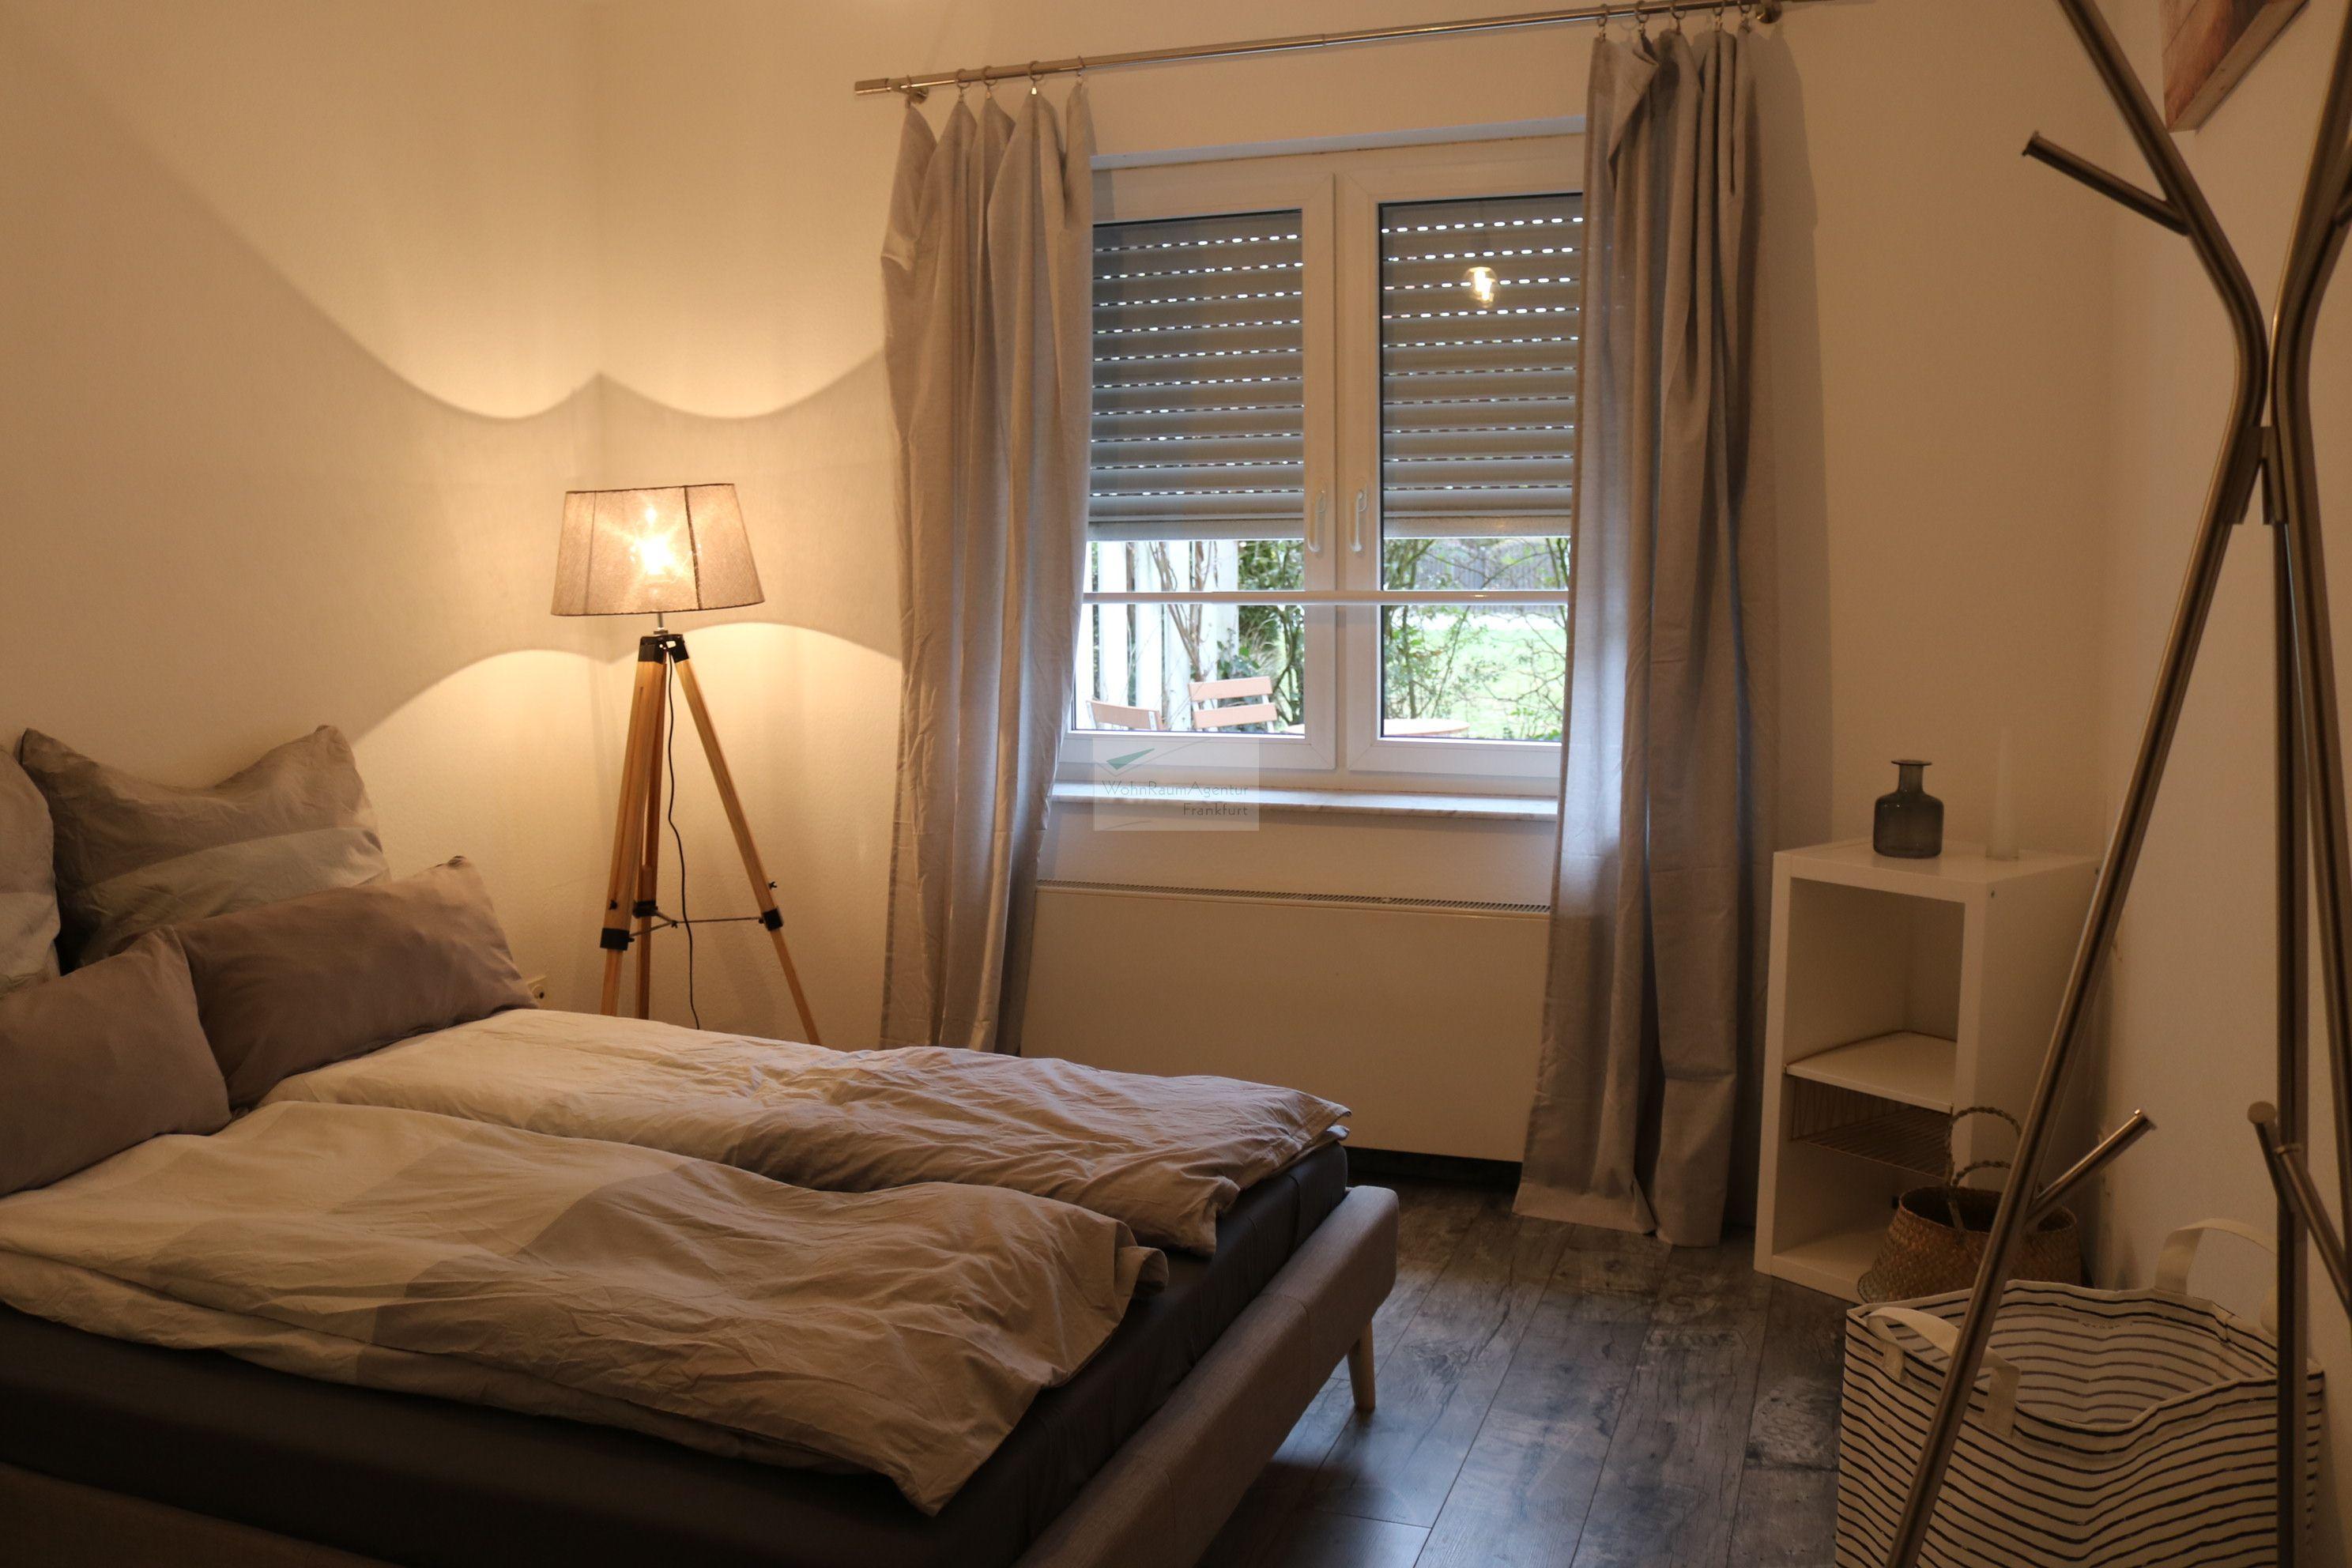 frankfurt niederrad 2 zimmer wohnung 4770 wohnraumagentur. Black Bedroom Furniture Sets. Home Design Ideas